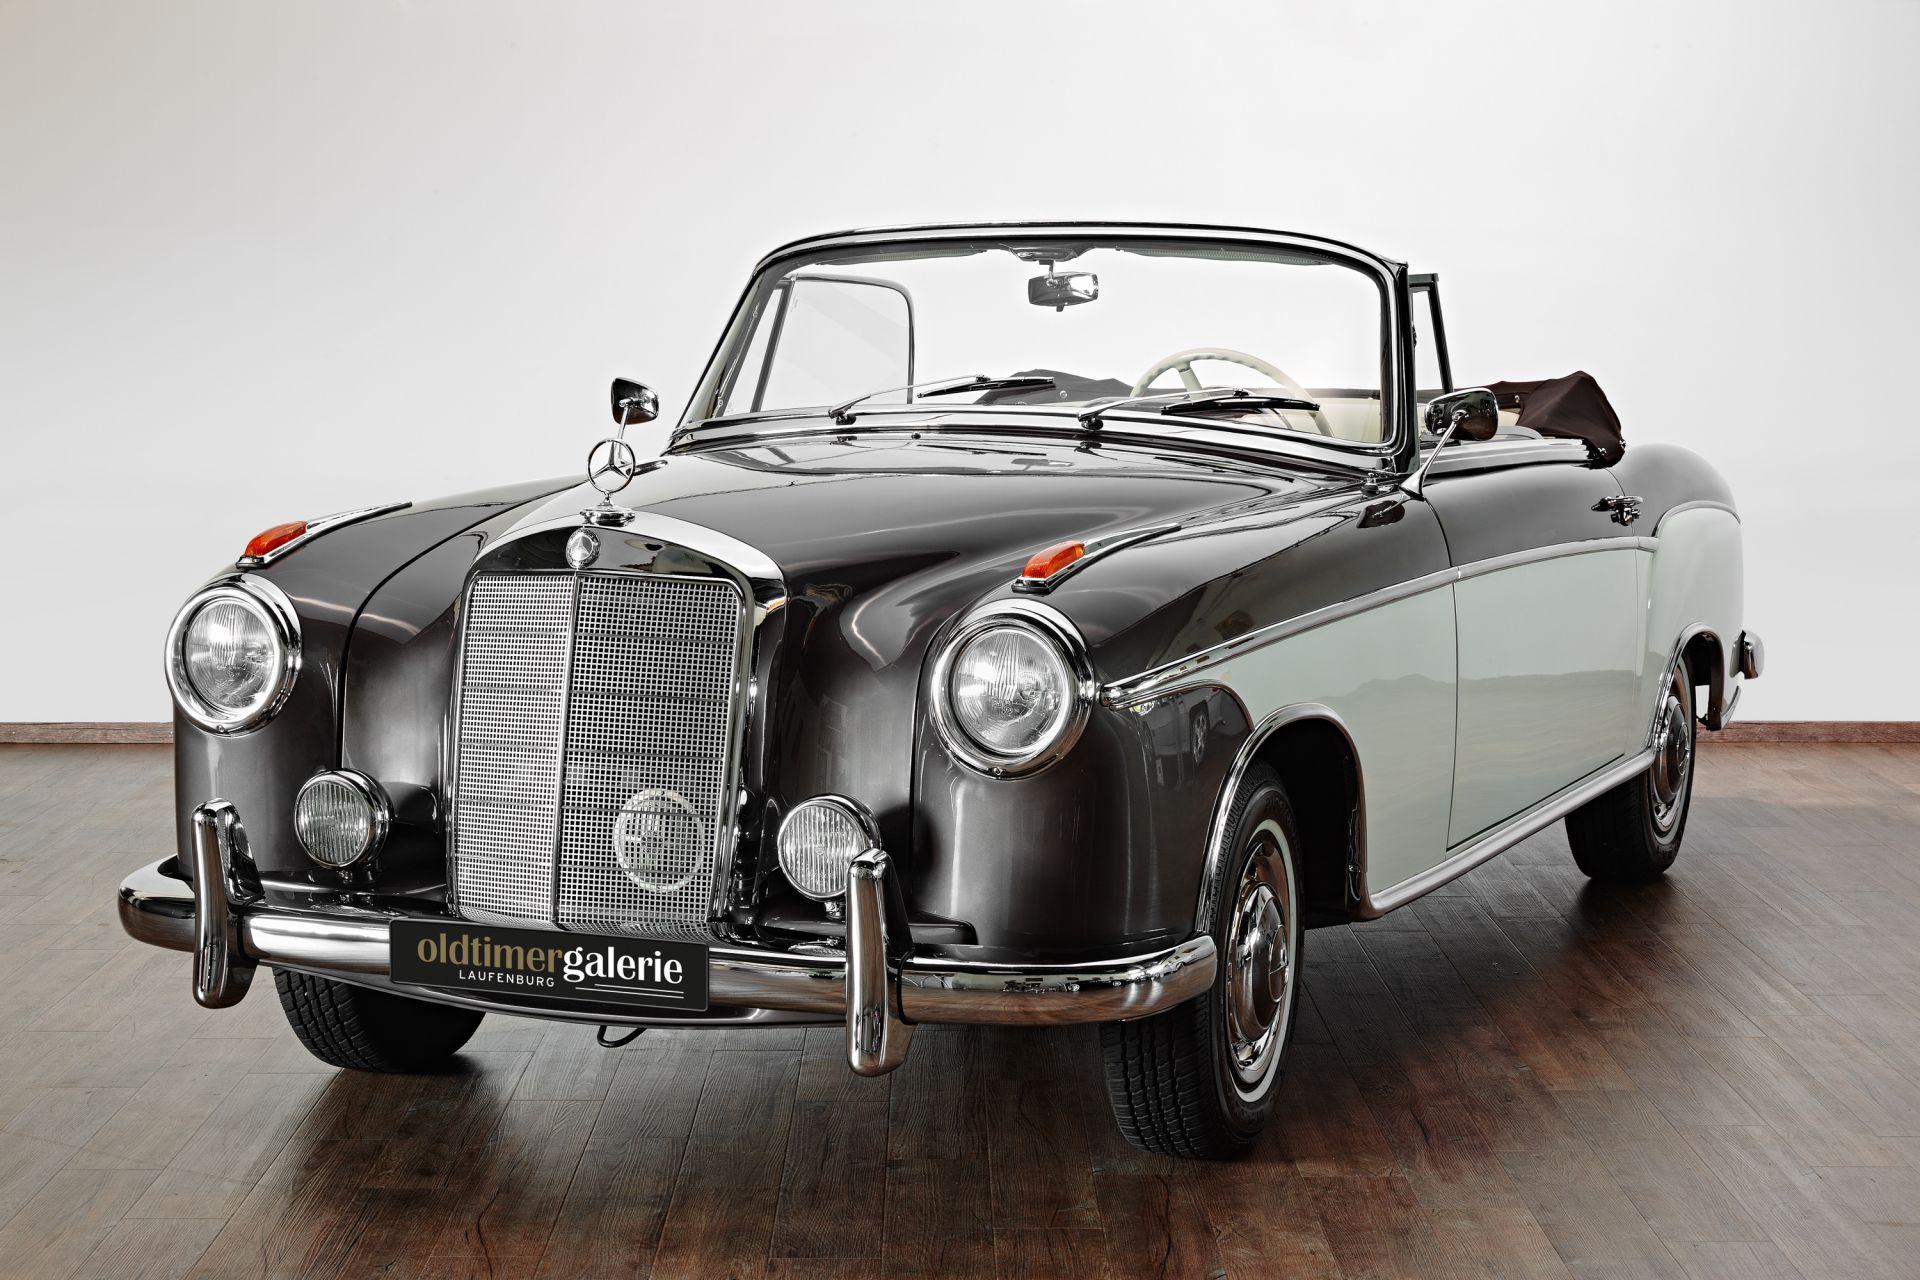 1958 mercedes 220 s cabriolet ponton. Black Bedroom Furniture Sets. Home Design Ideas